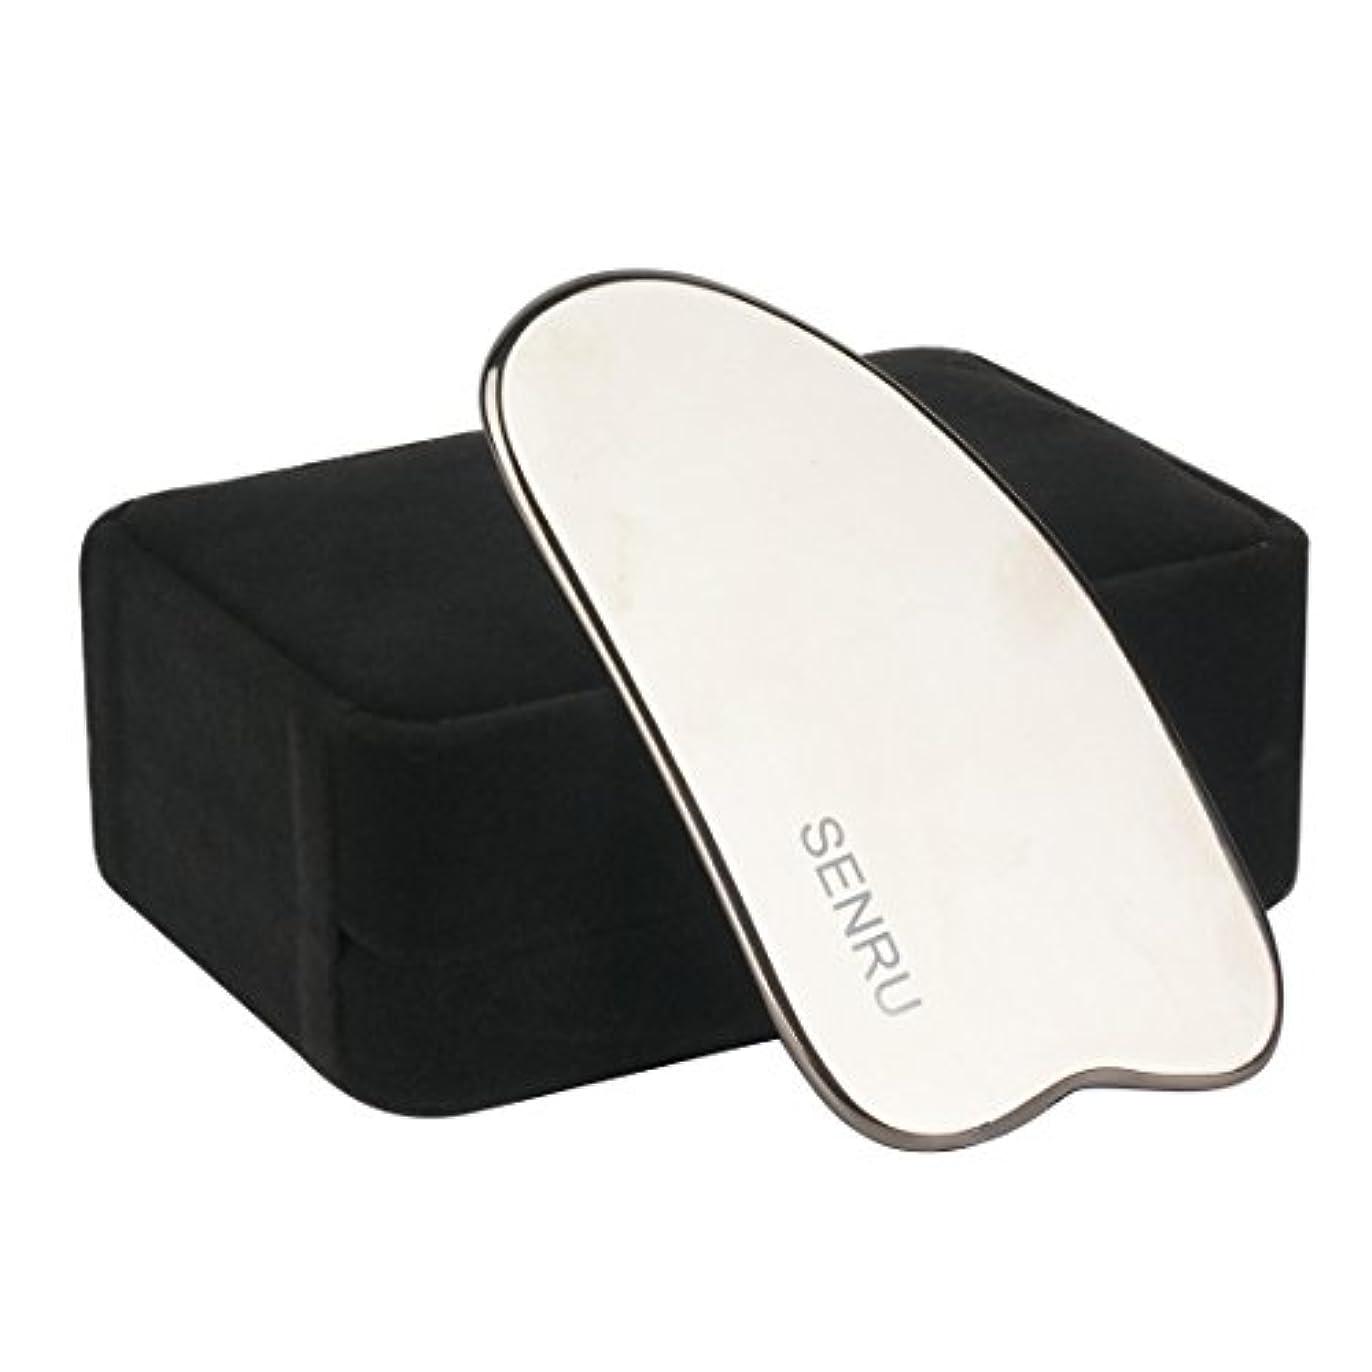 そんなに残り非公式SENRU チタン カッサプレート かっさマッサージ 刮痧 リンパ解毒 全身血行促進 疲れやストレス緩和 専用ケース袋付き